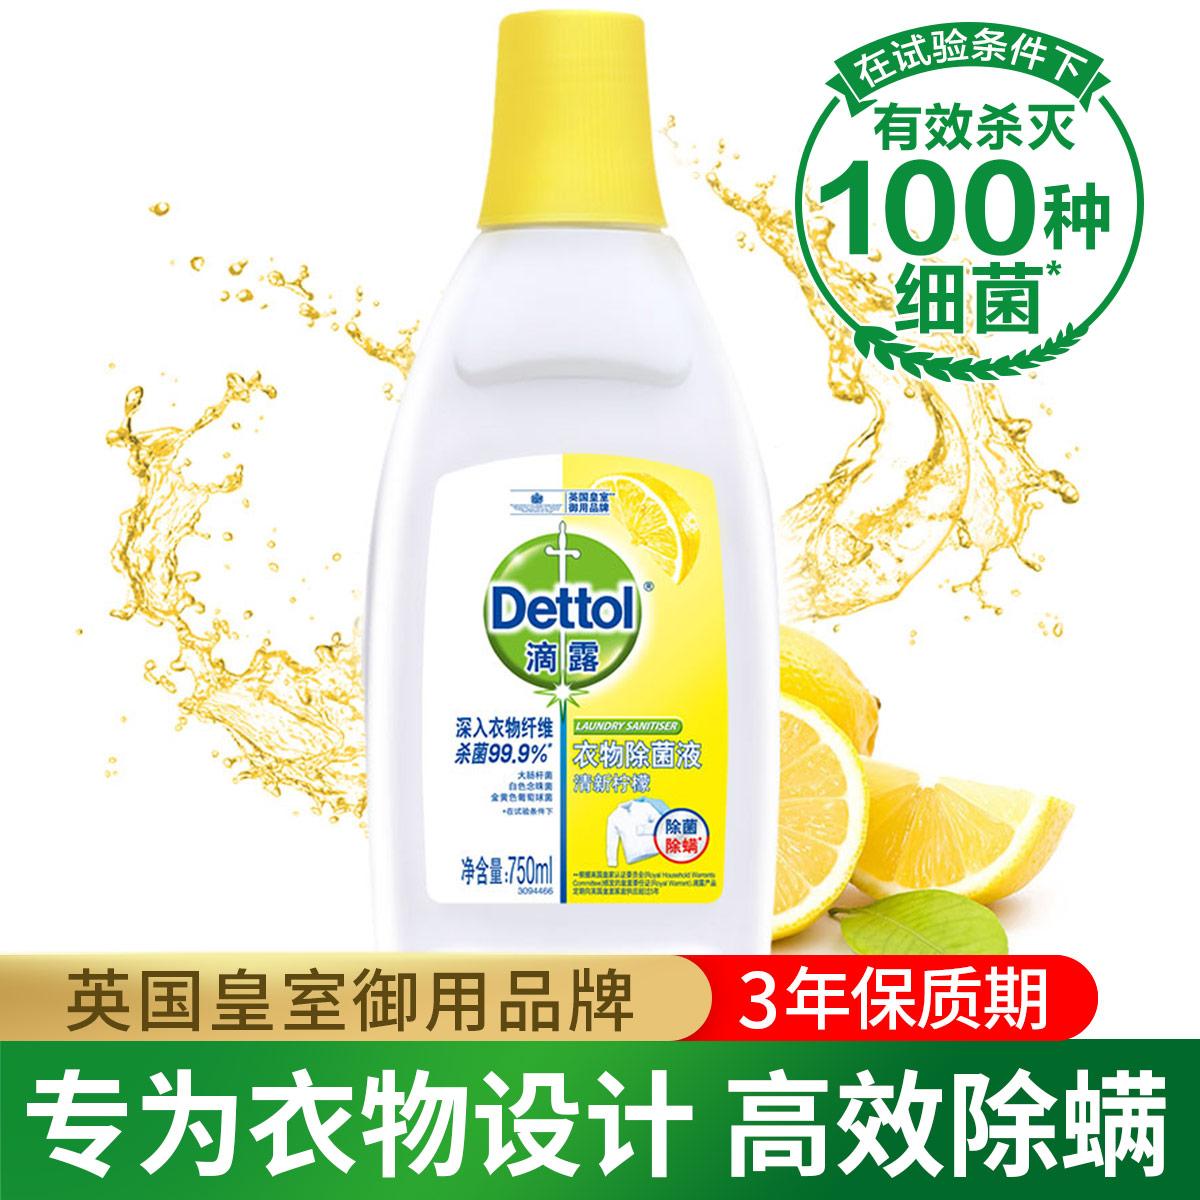 Dettol 【杀灭细菌100种】滴露衣物除菌液 衣物消毒设计 杀菌除螨 750ml